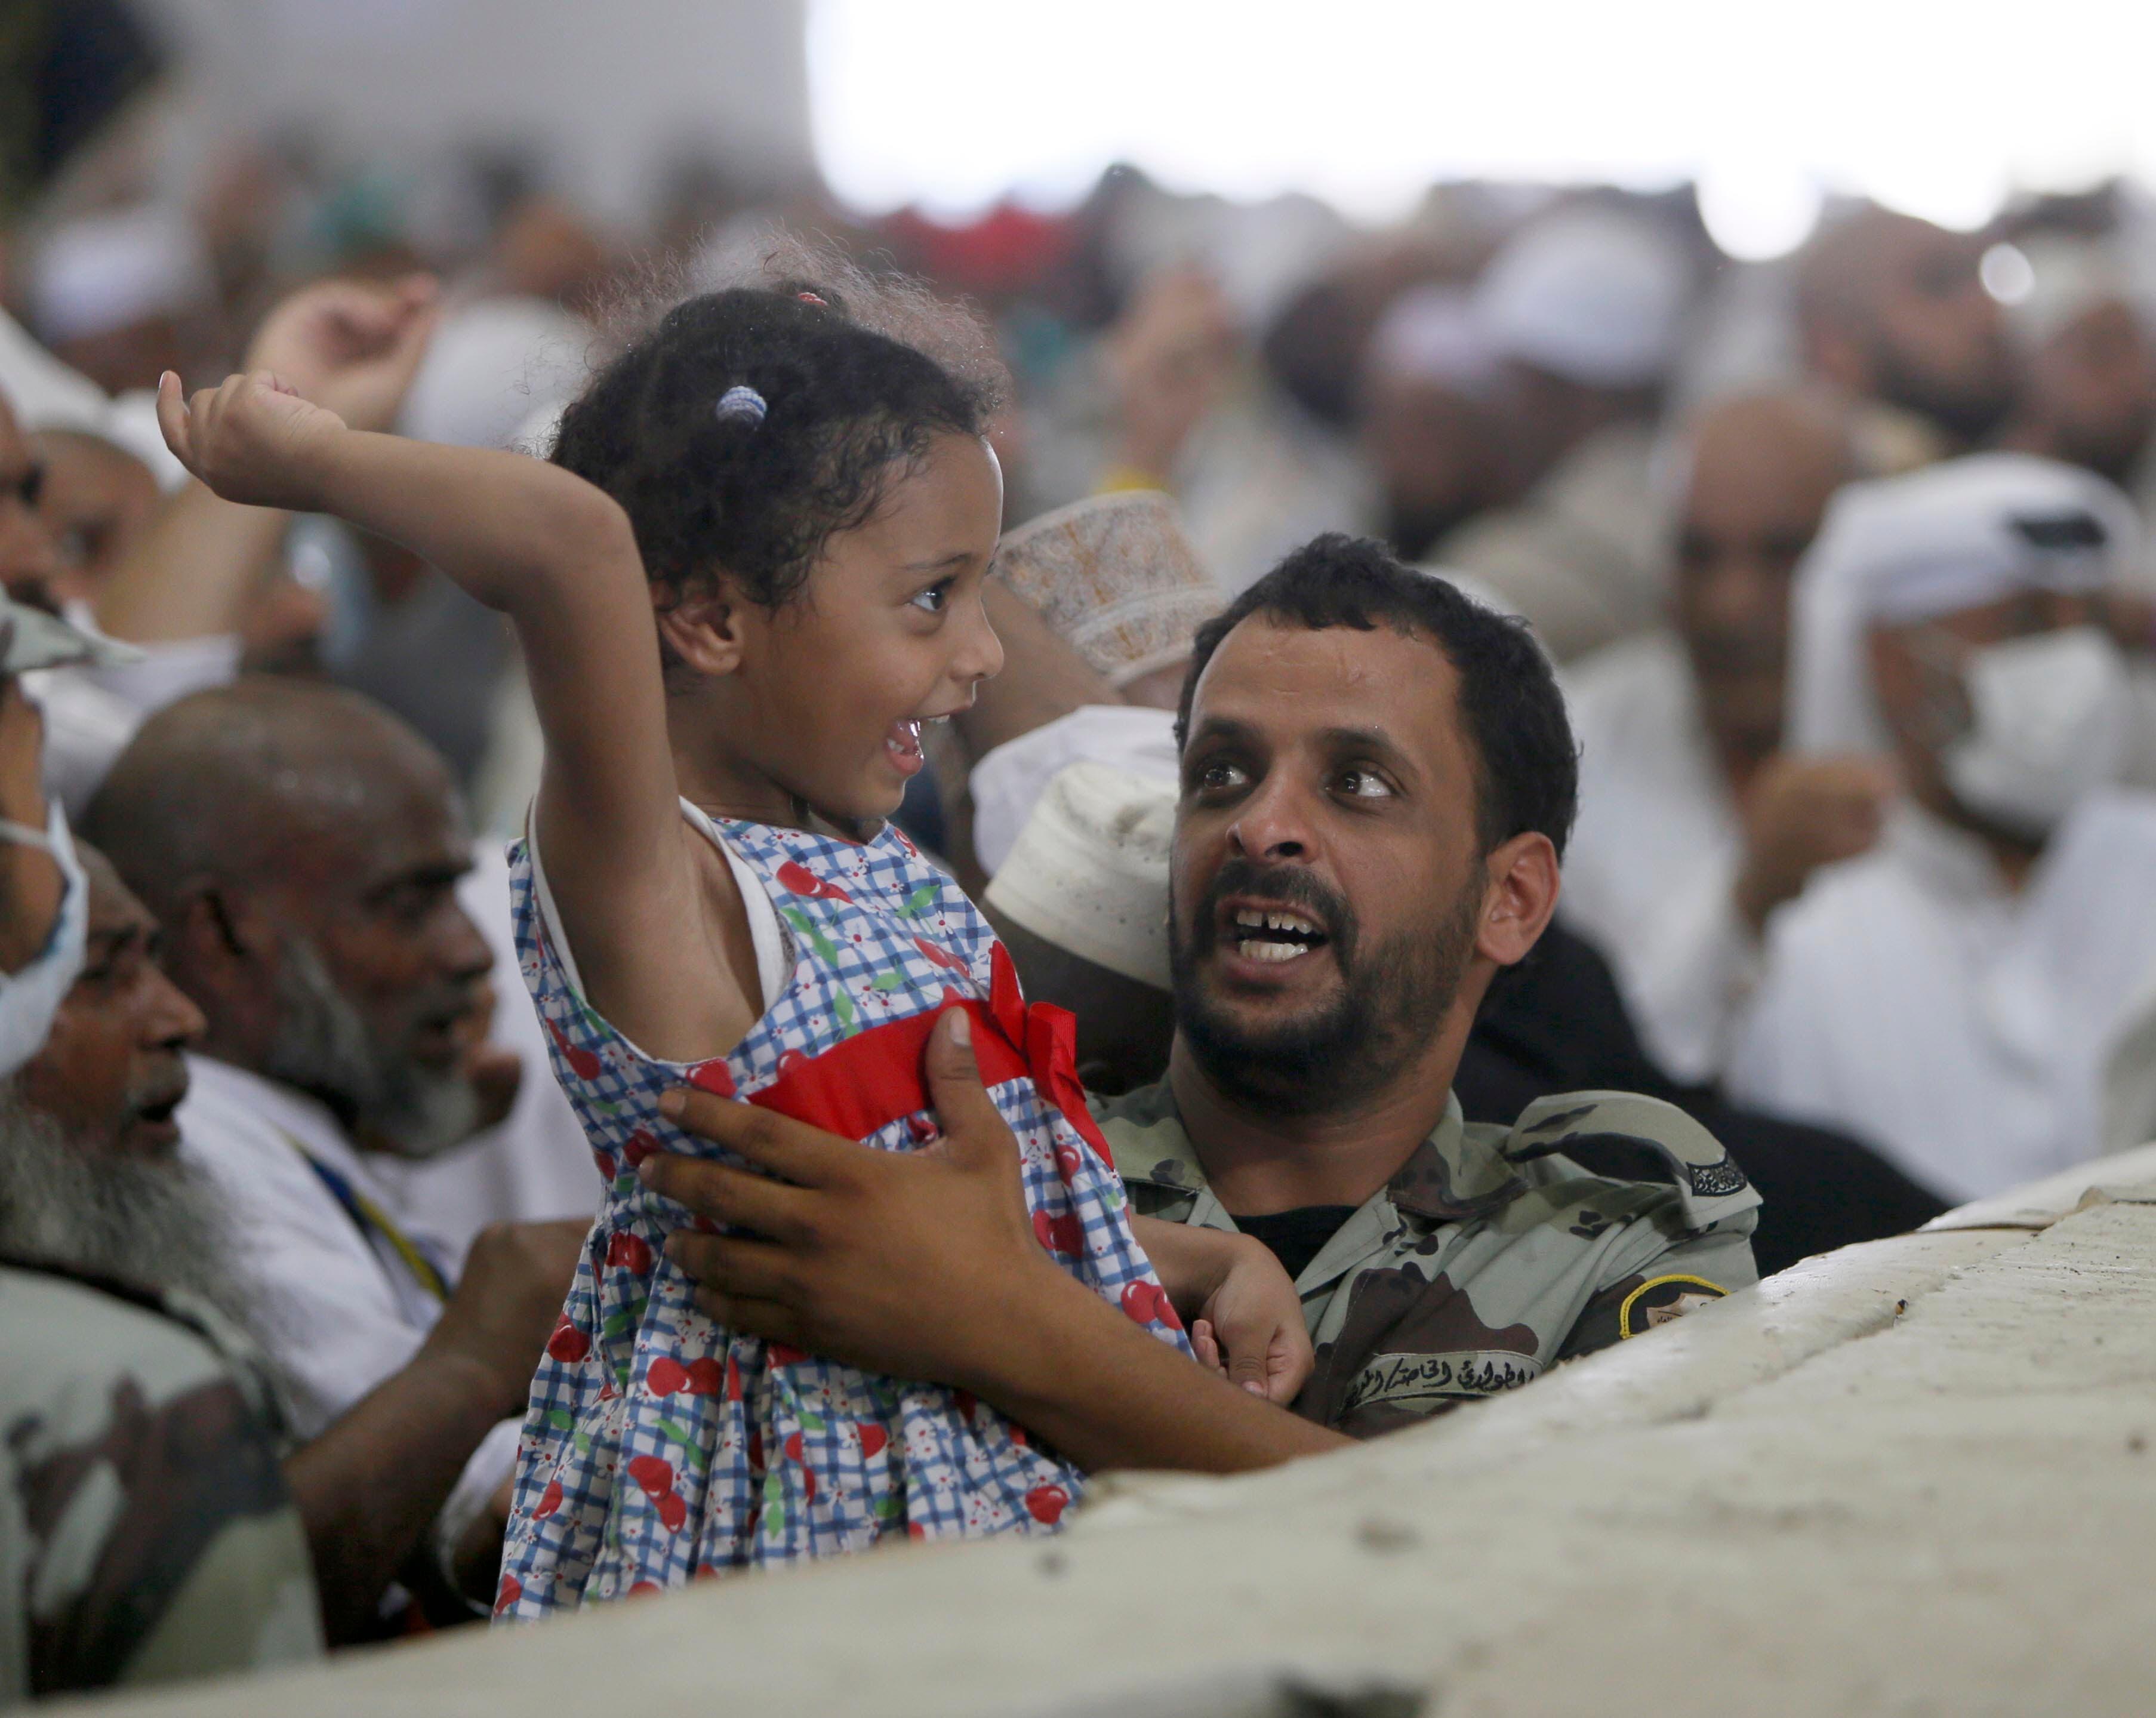 حضور نیروهای ویژه سعودی در جمرات برای کمک به حجاج